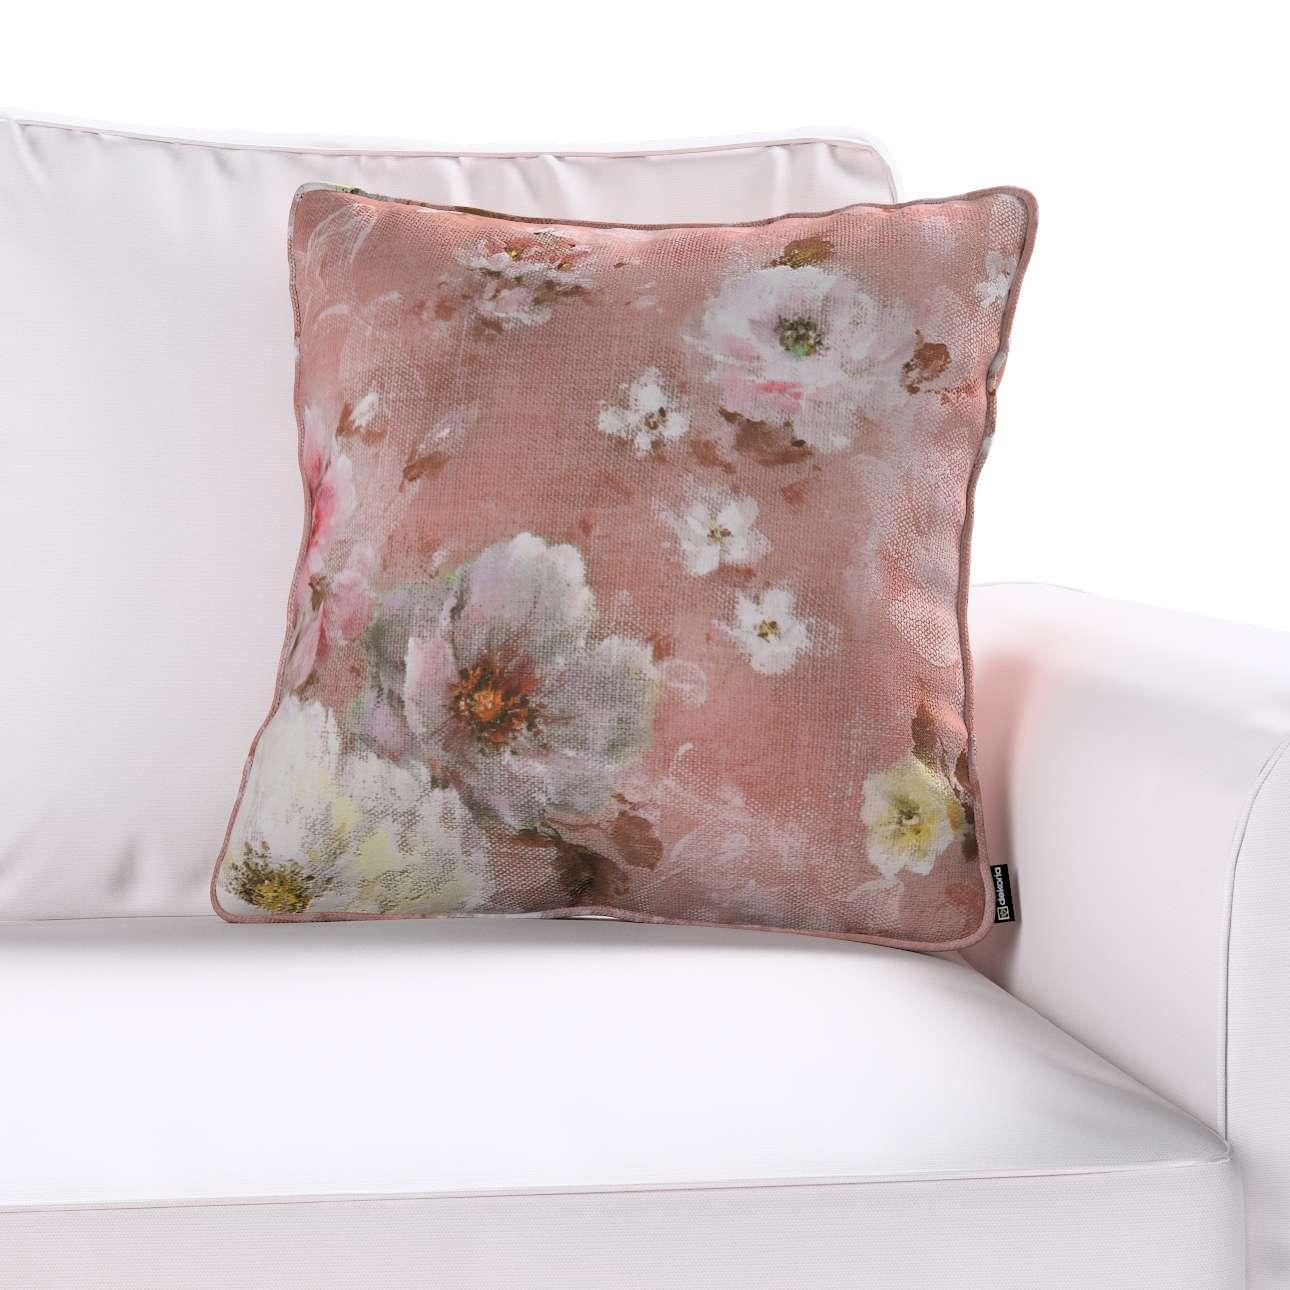 Poszewka Gabi na poduszkę 45 x 45 cm w kolekcji Monet, tkanina: 137-83